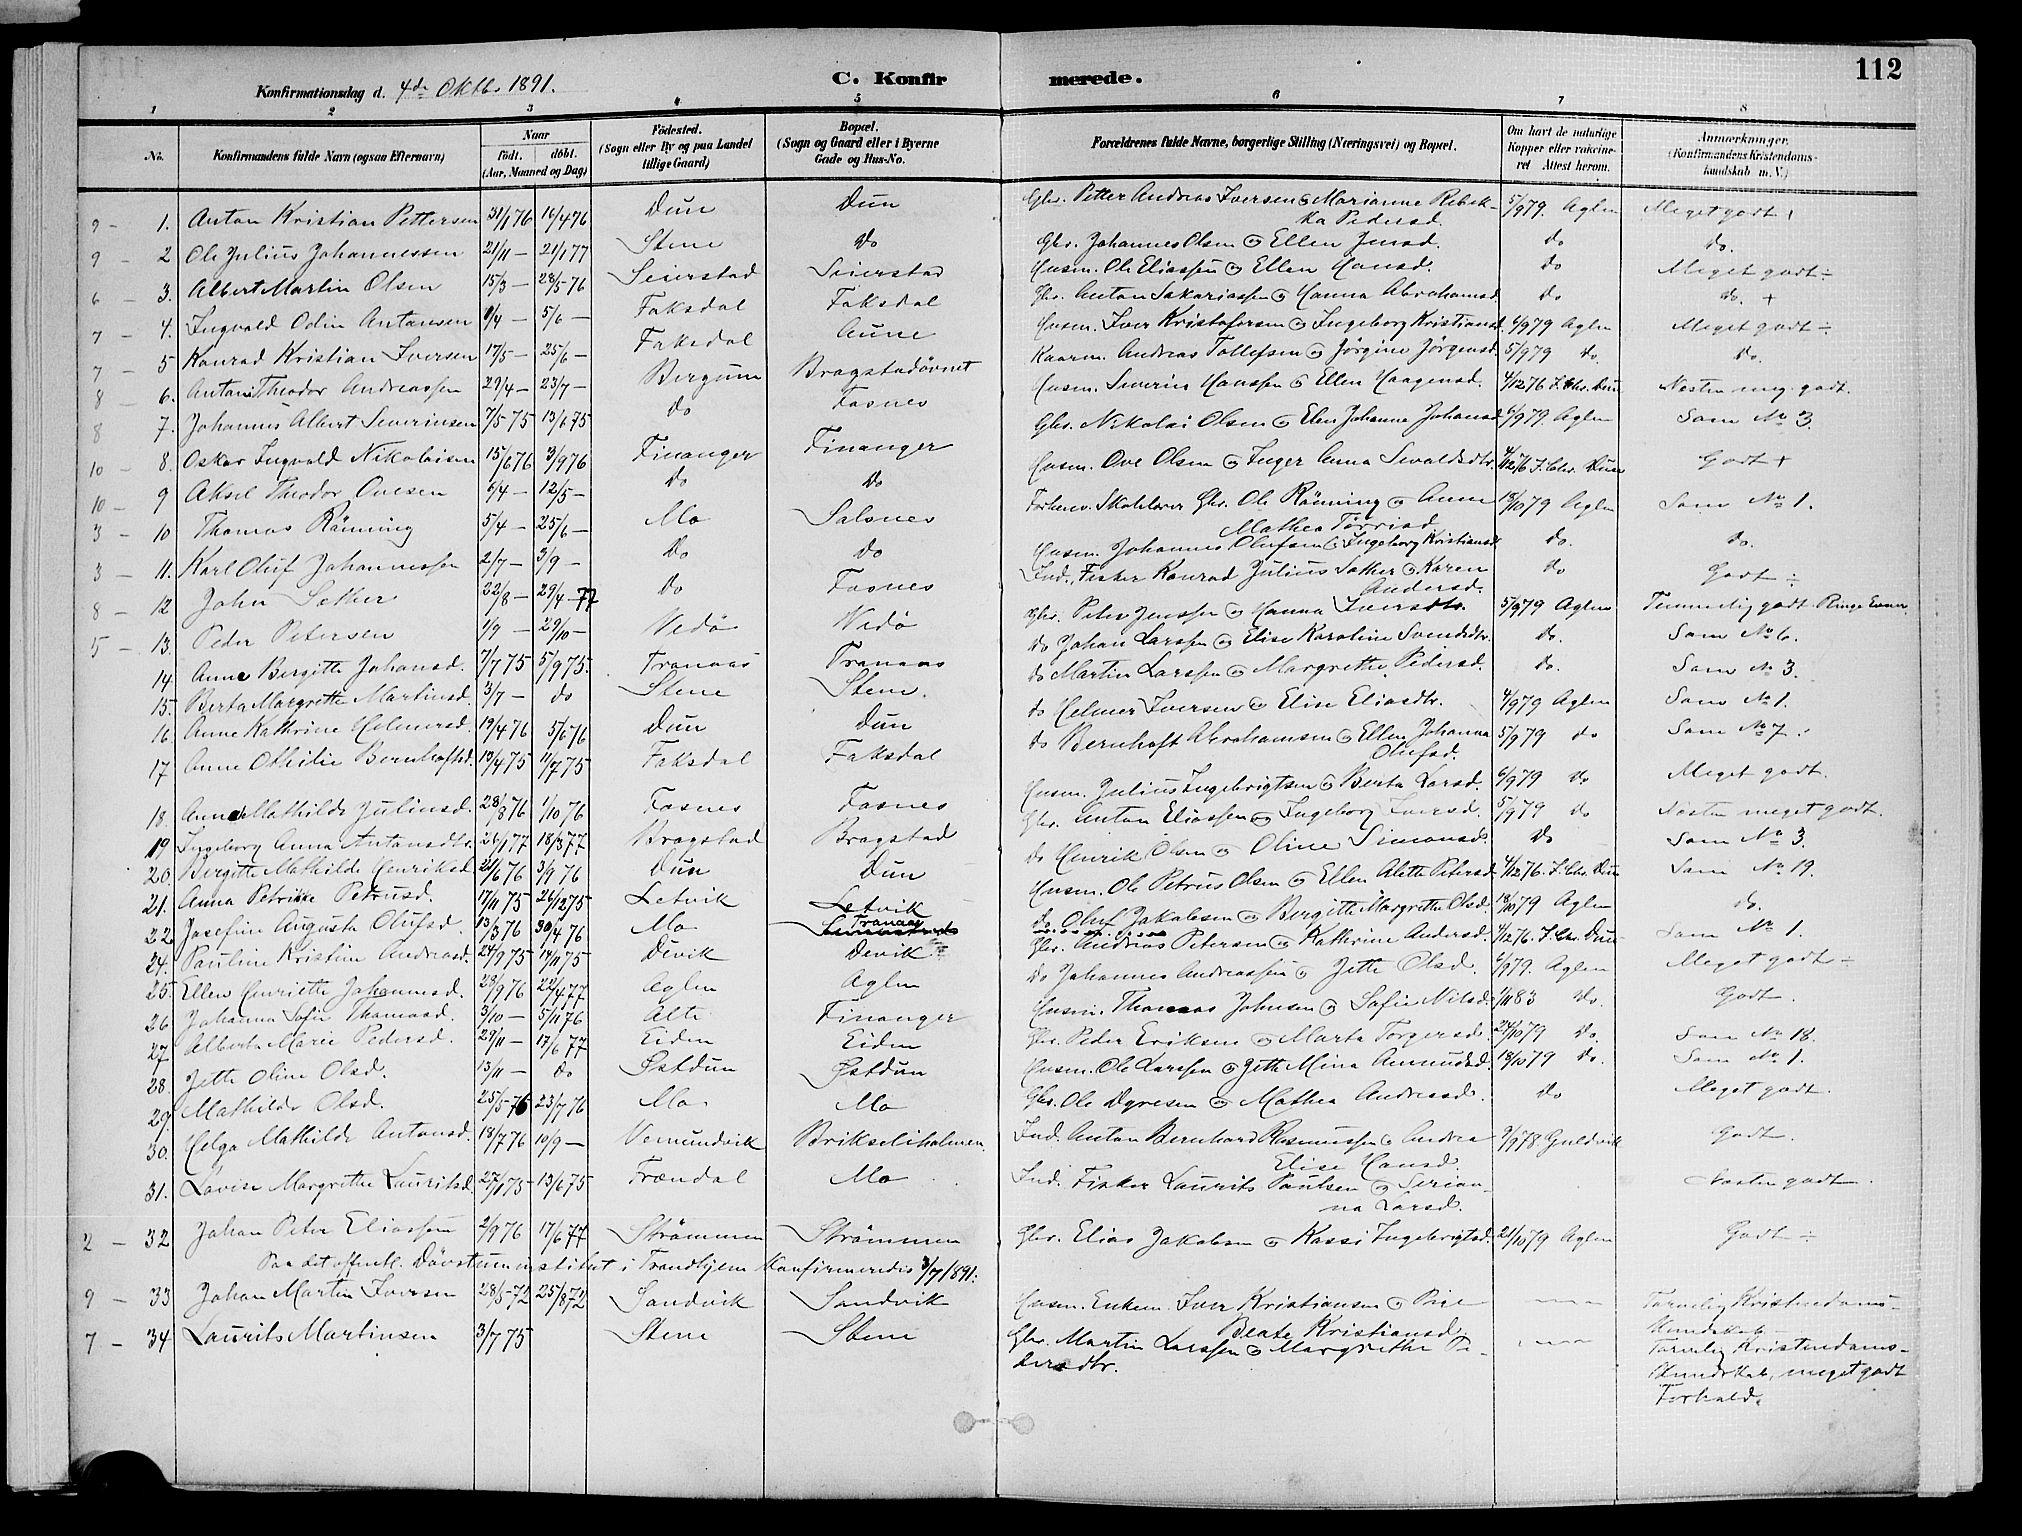 SAT, Ministerialprotokoller, klokkerbøker og fødselsregistre - Nord-Trøndelag, 773/L0617: Ministerialbok nr. 773A08, 1887-1910, s. 112